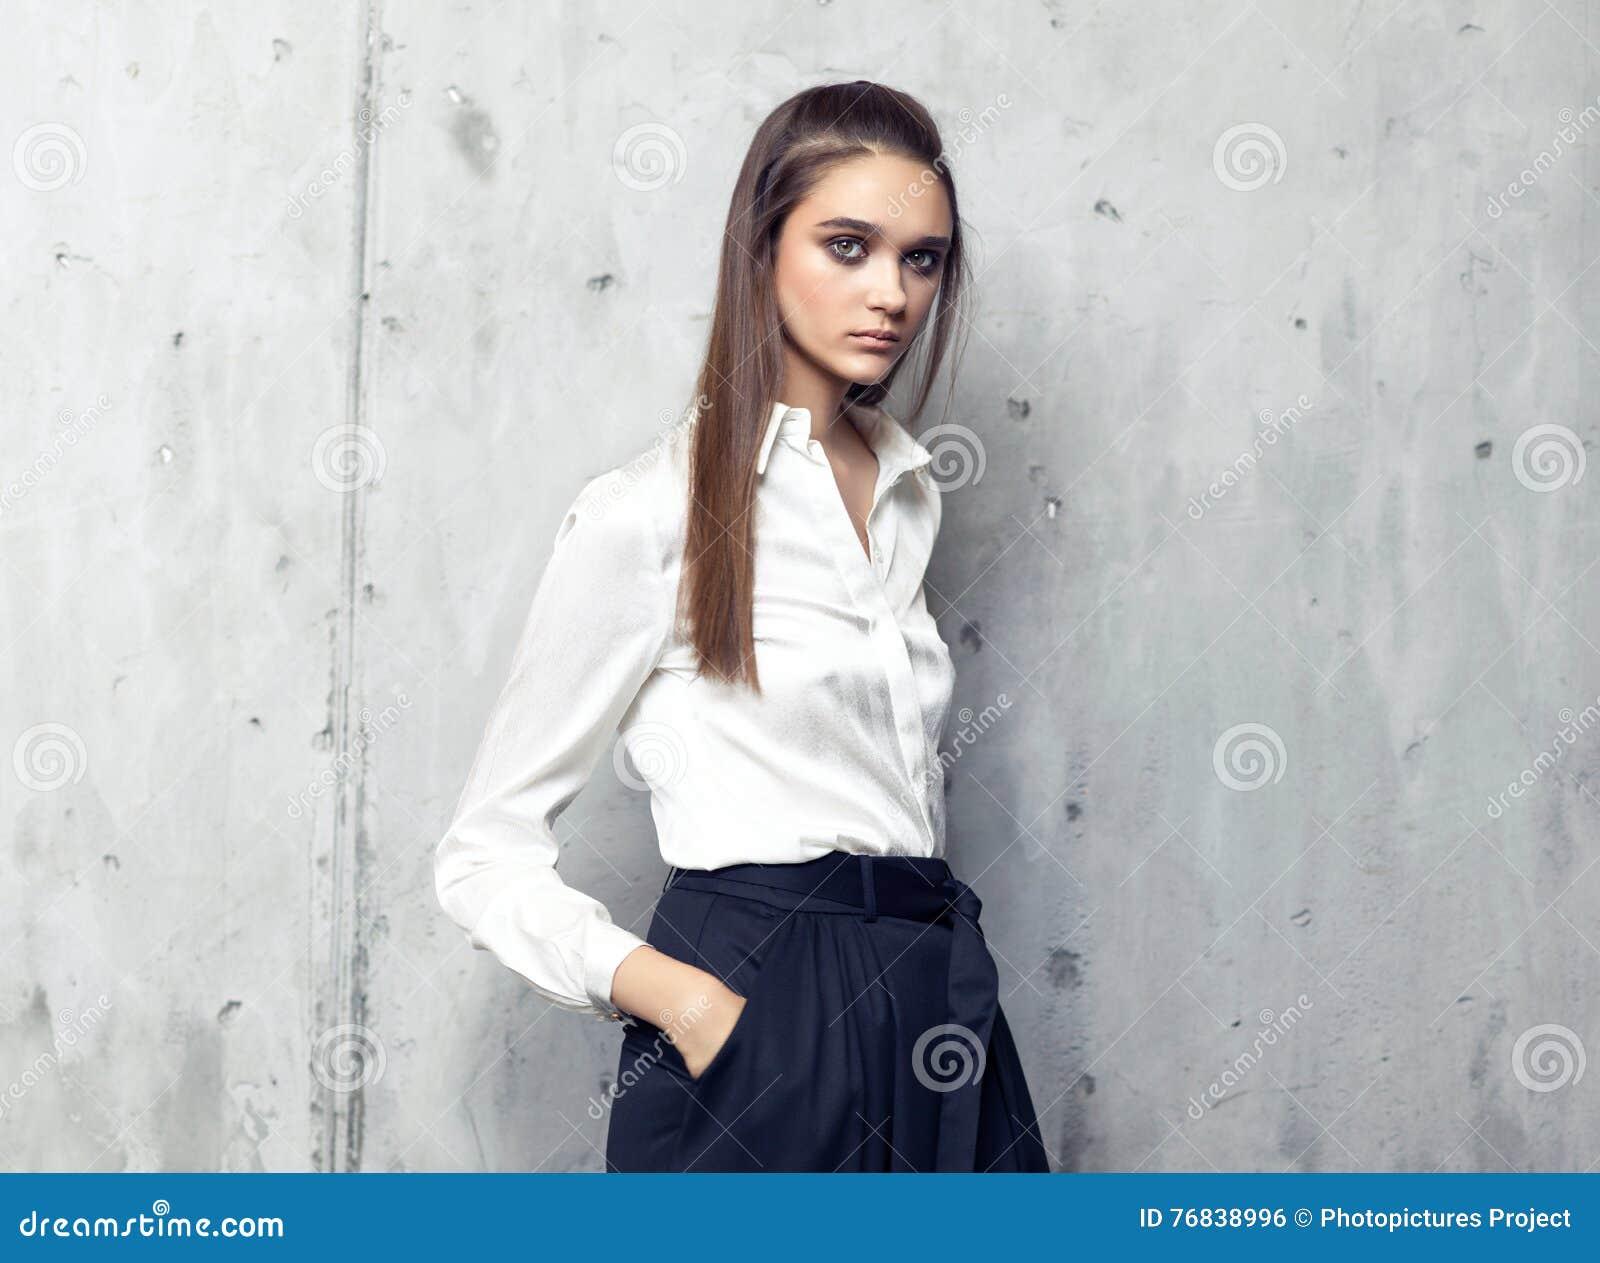 5c8b2aaa71 camisa-blanca-que-lleva-del-modelo-de-moda-y-falda-negra-larga -que-presentan-en-estudio-76838996.jpg